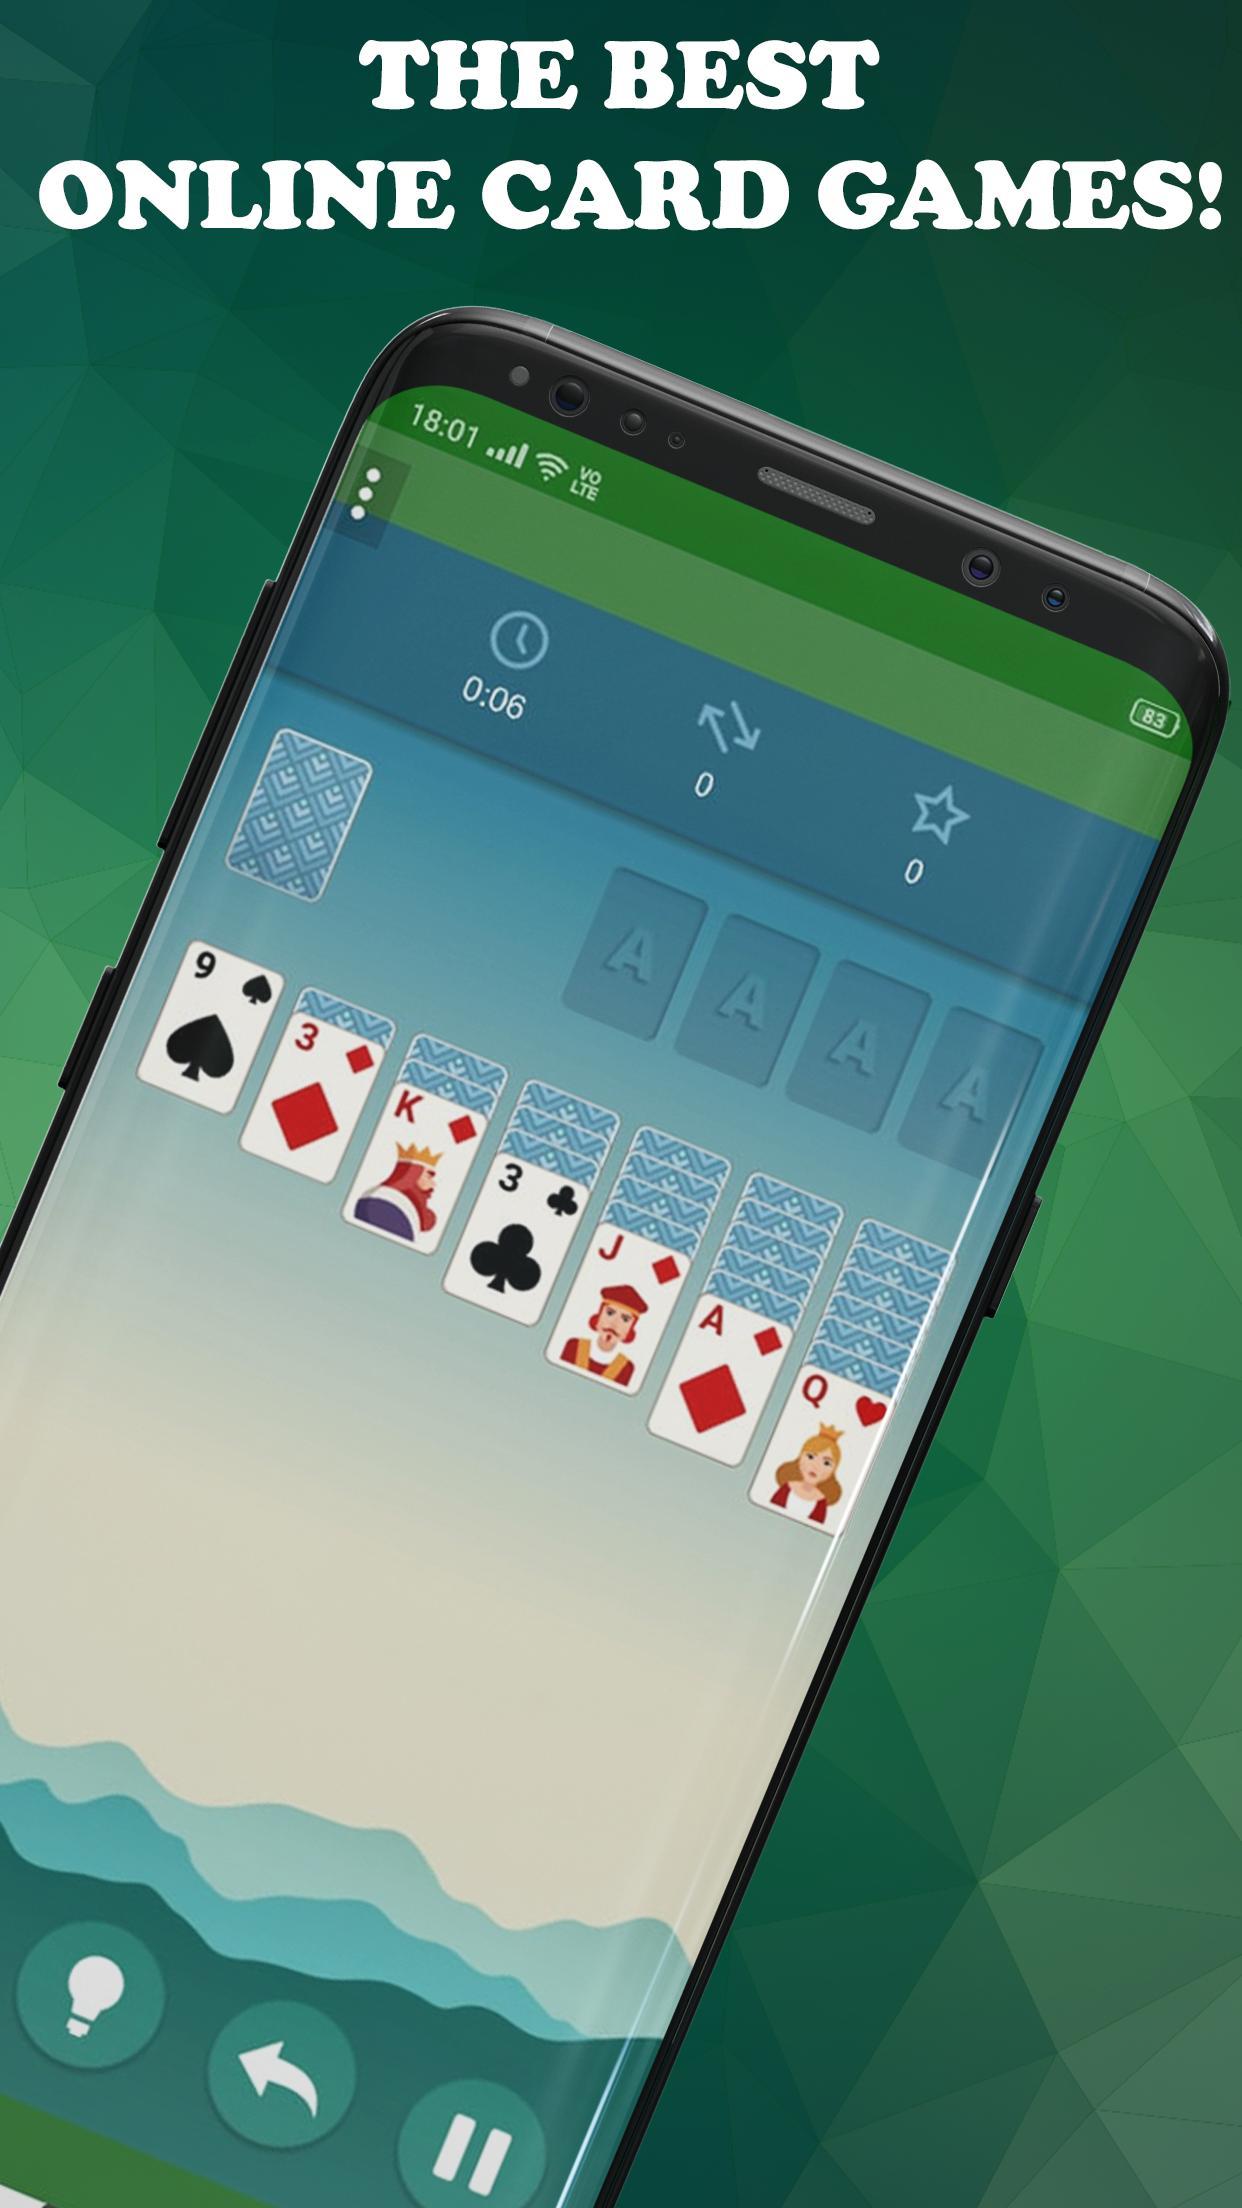 Juegos De Cartas En Linea King Juegos Gratis For Android Apk Download